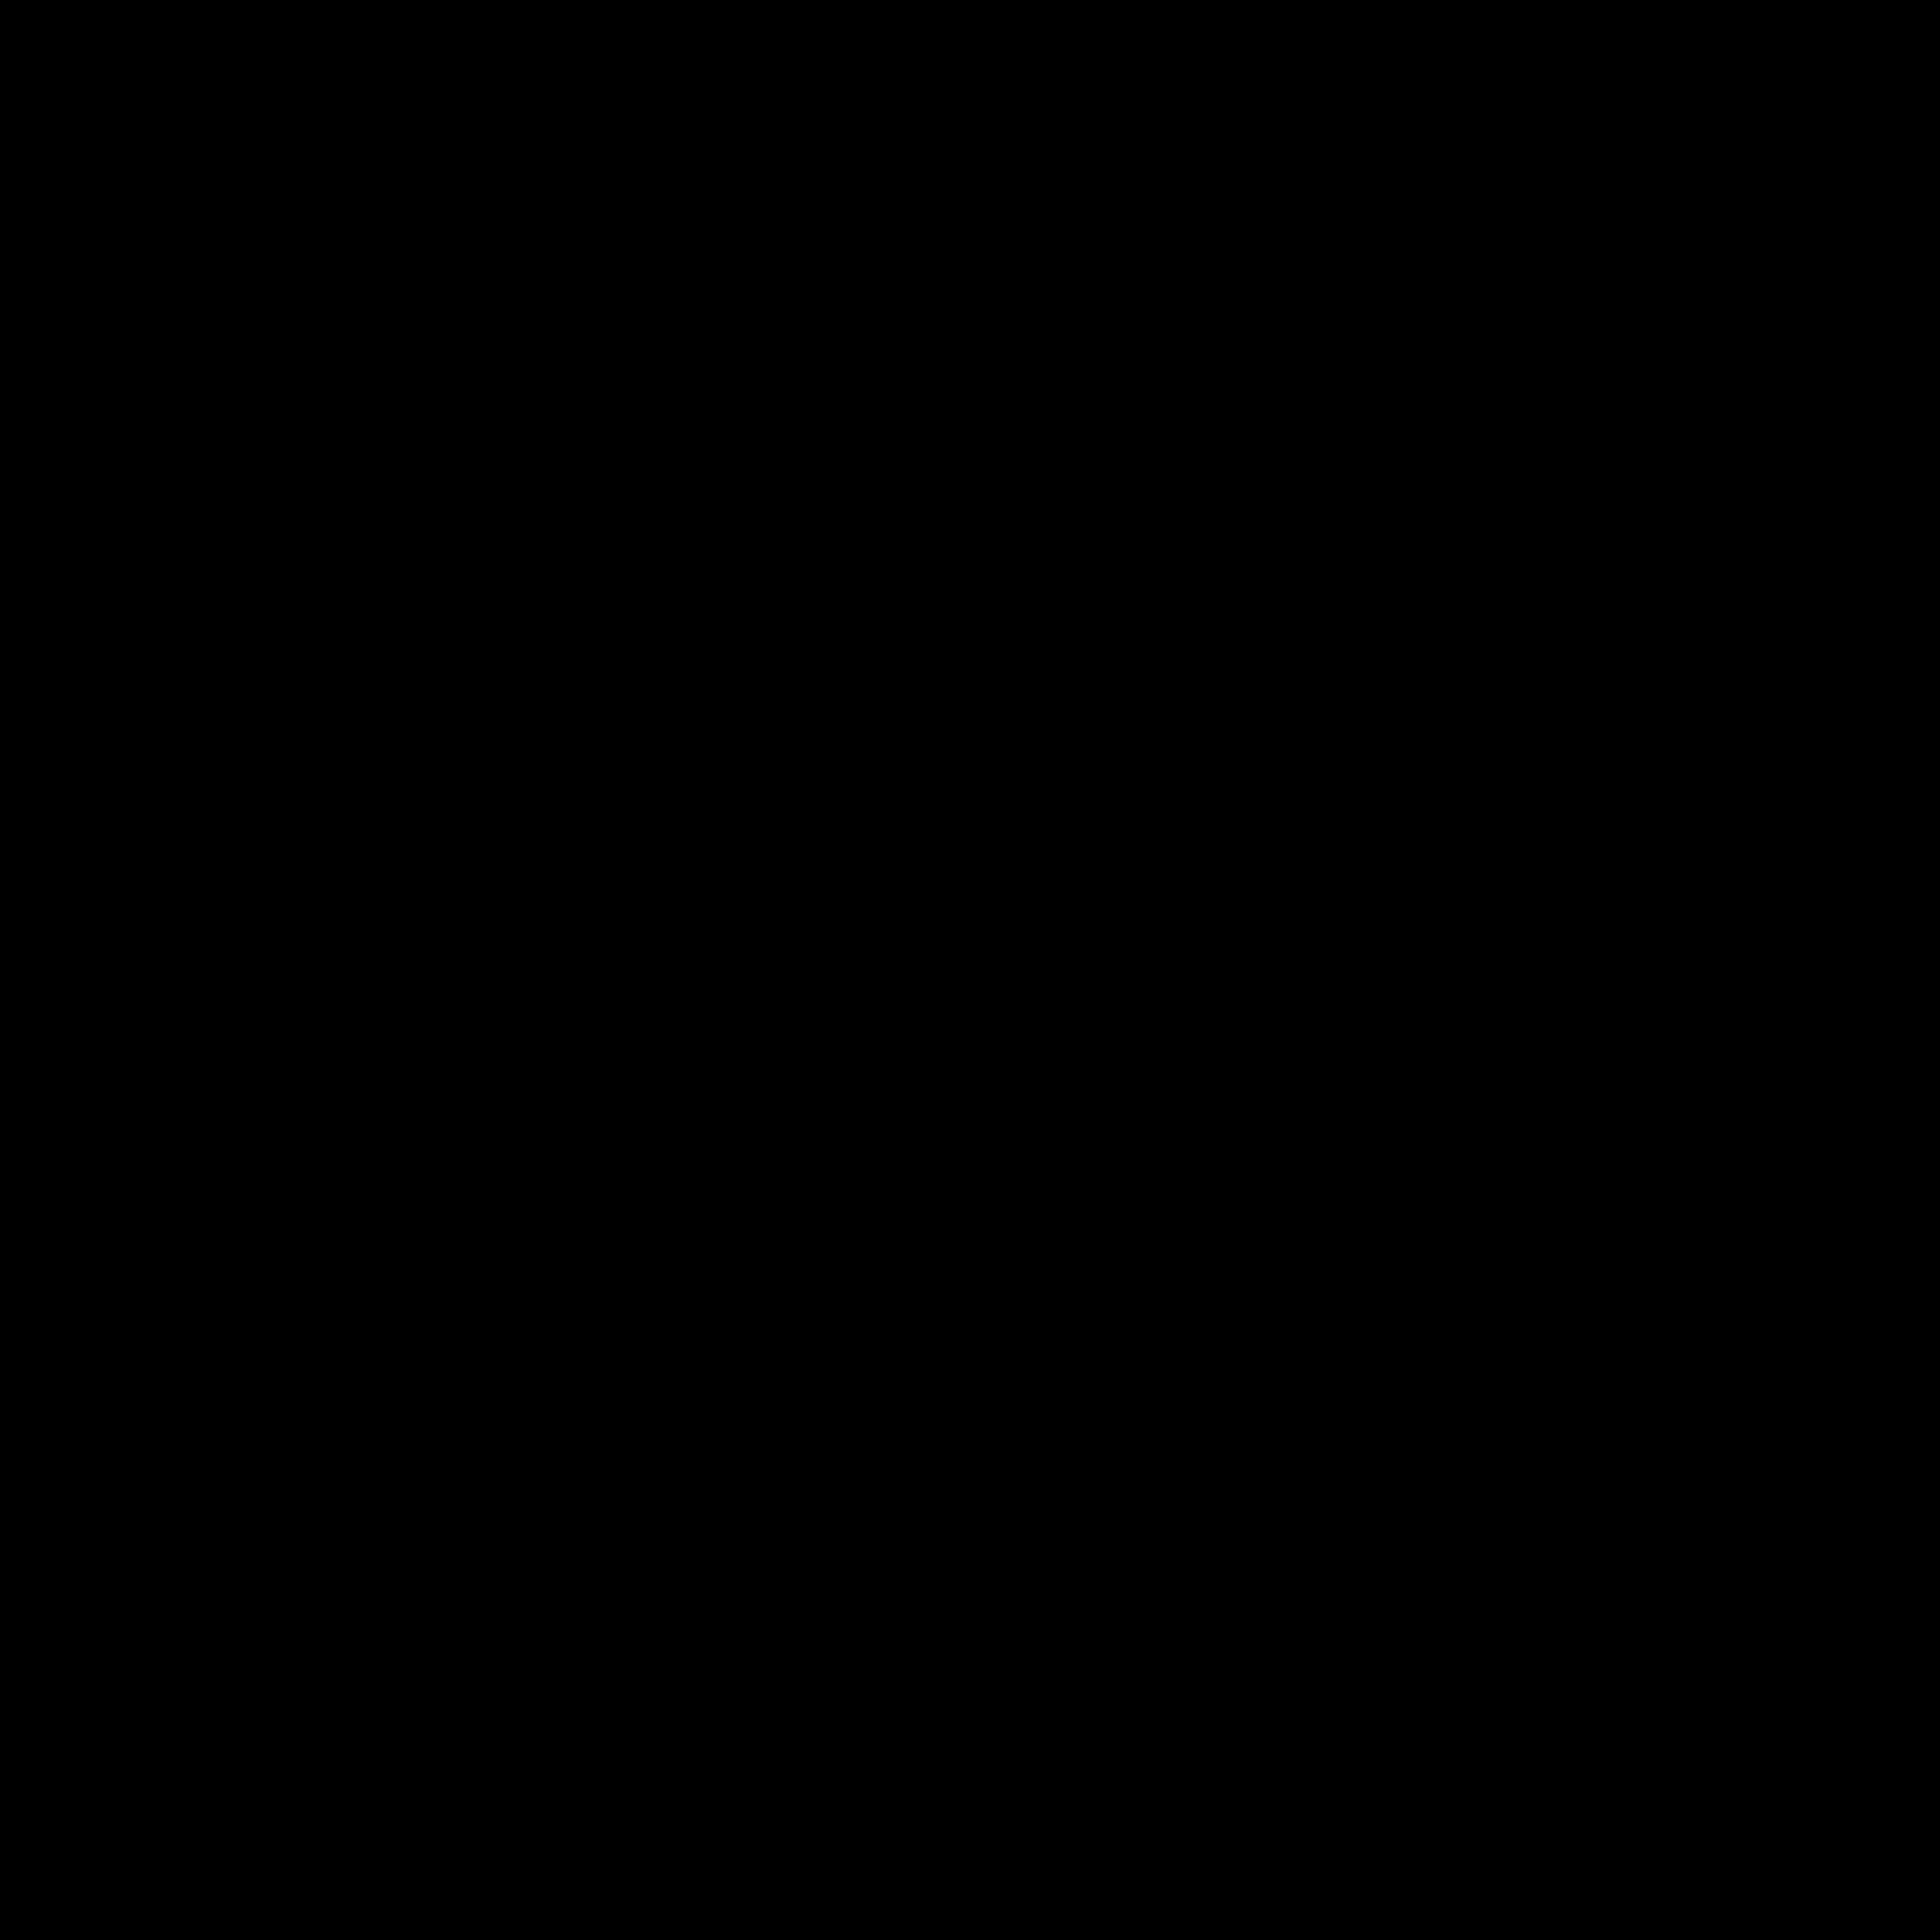 perch_logo.jpg